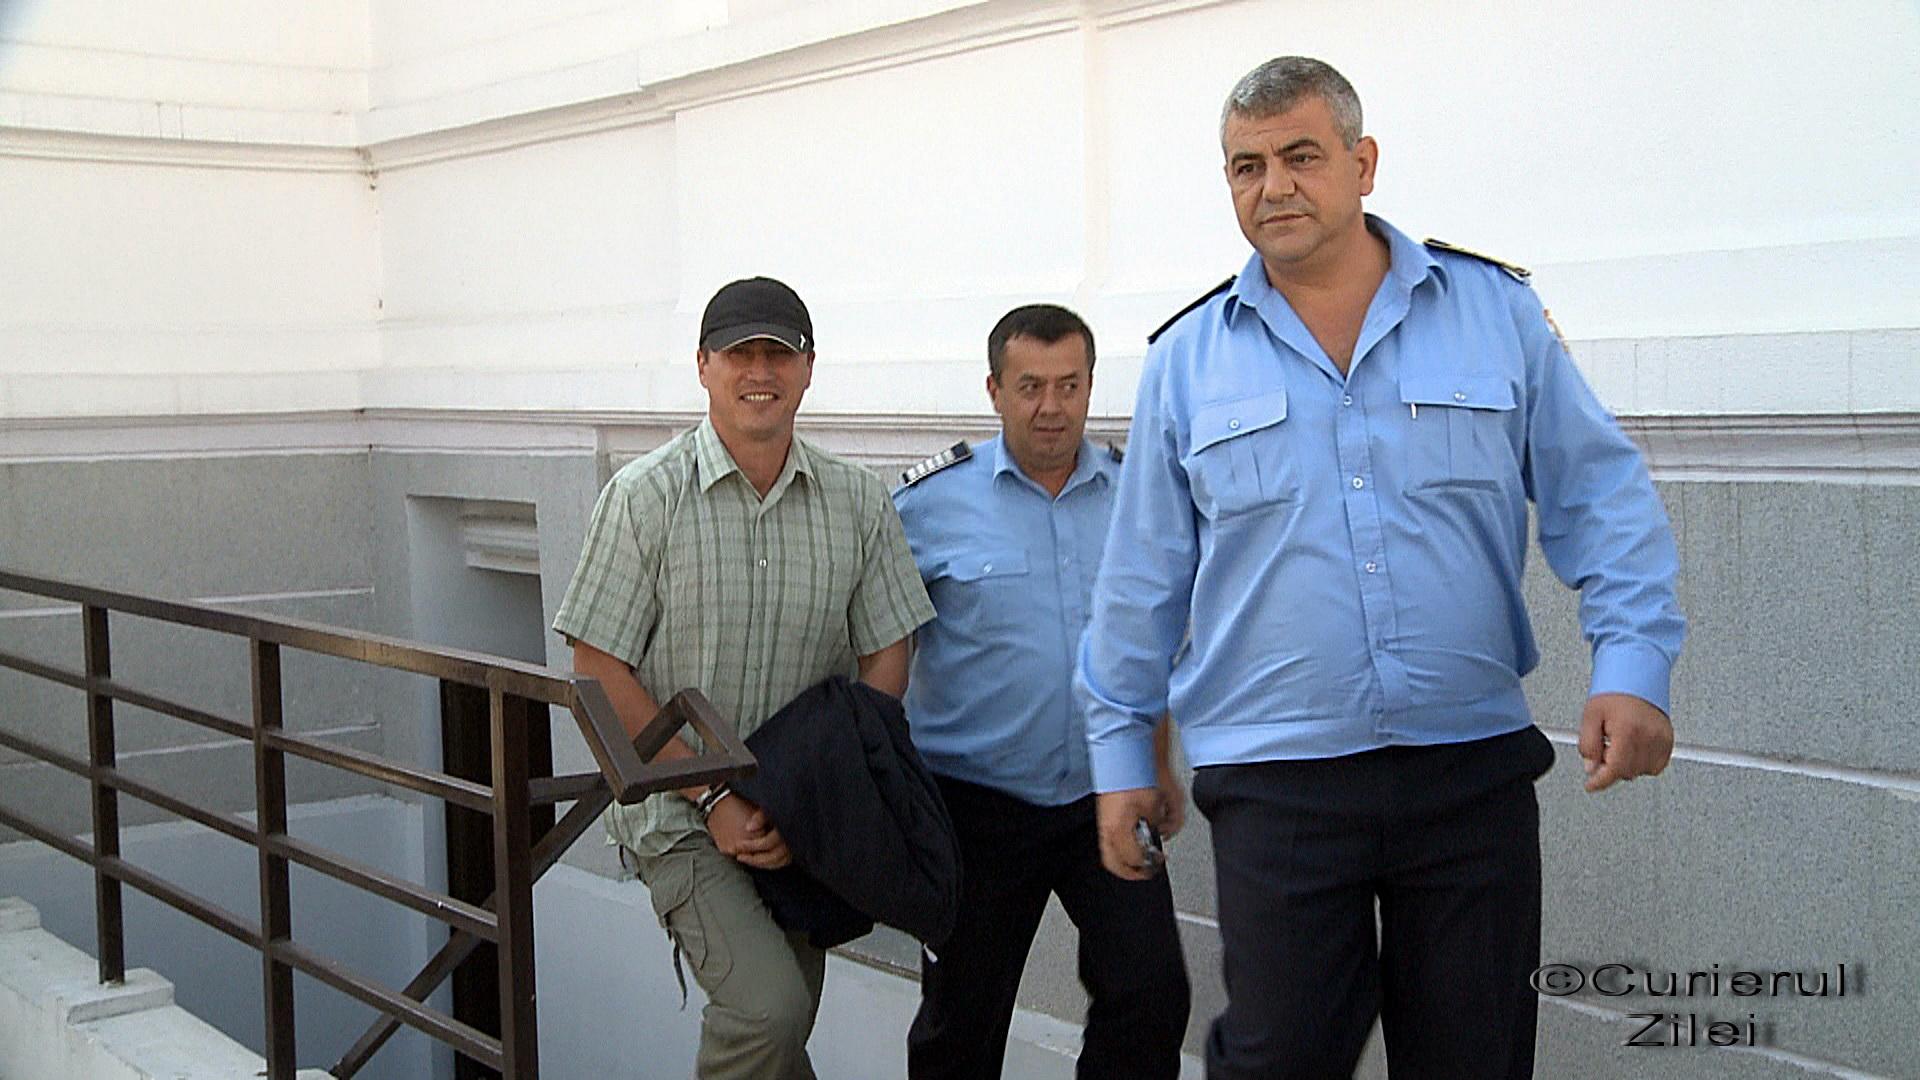 Cristian Cioaca a fost condamnat la 15 ani de inchisoare